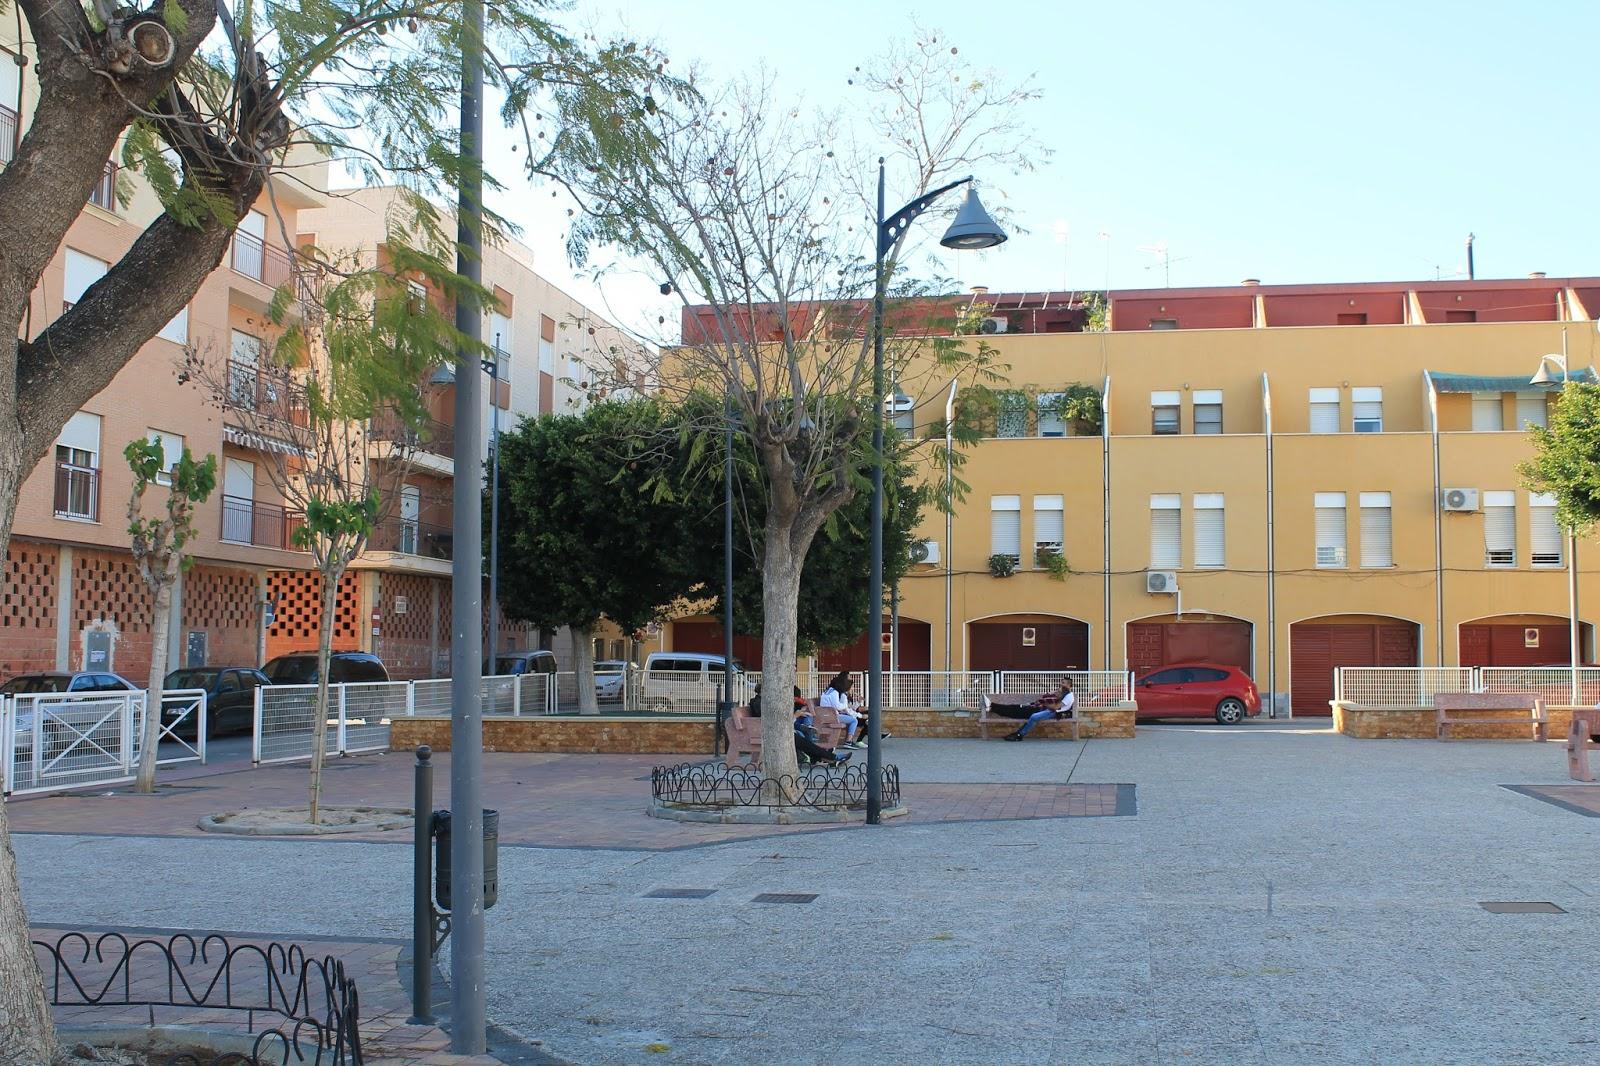 Plaza del Vivero